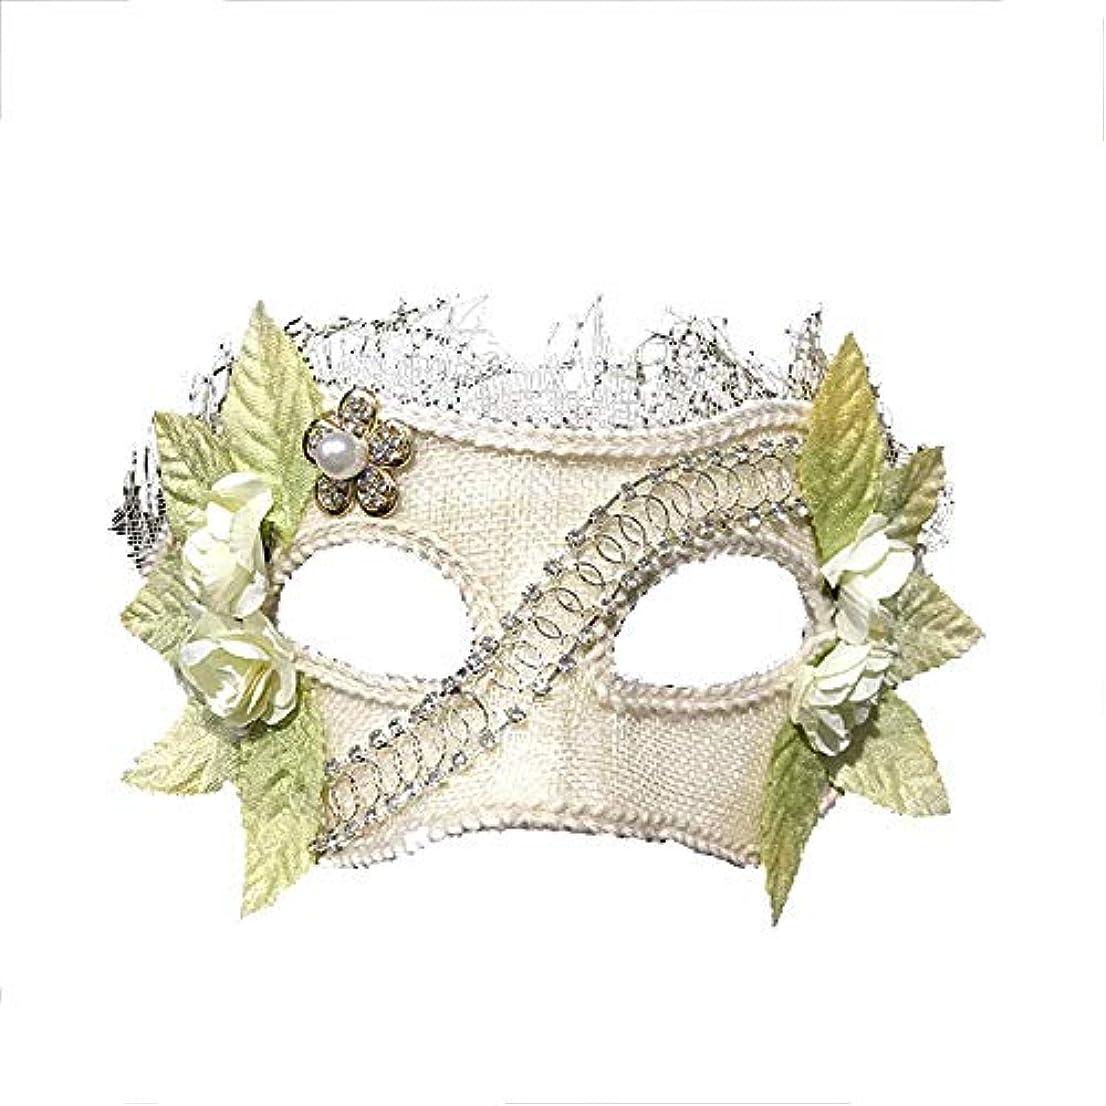 Nanle ハロウィンクリスマスフラワーフェザービーズマスク仮装マスクレディミスプリンセス美容祭パーティーデコレーションマスク (色 : Style A)